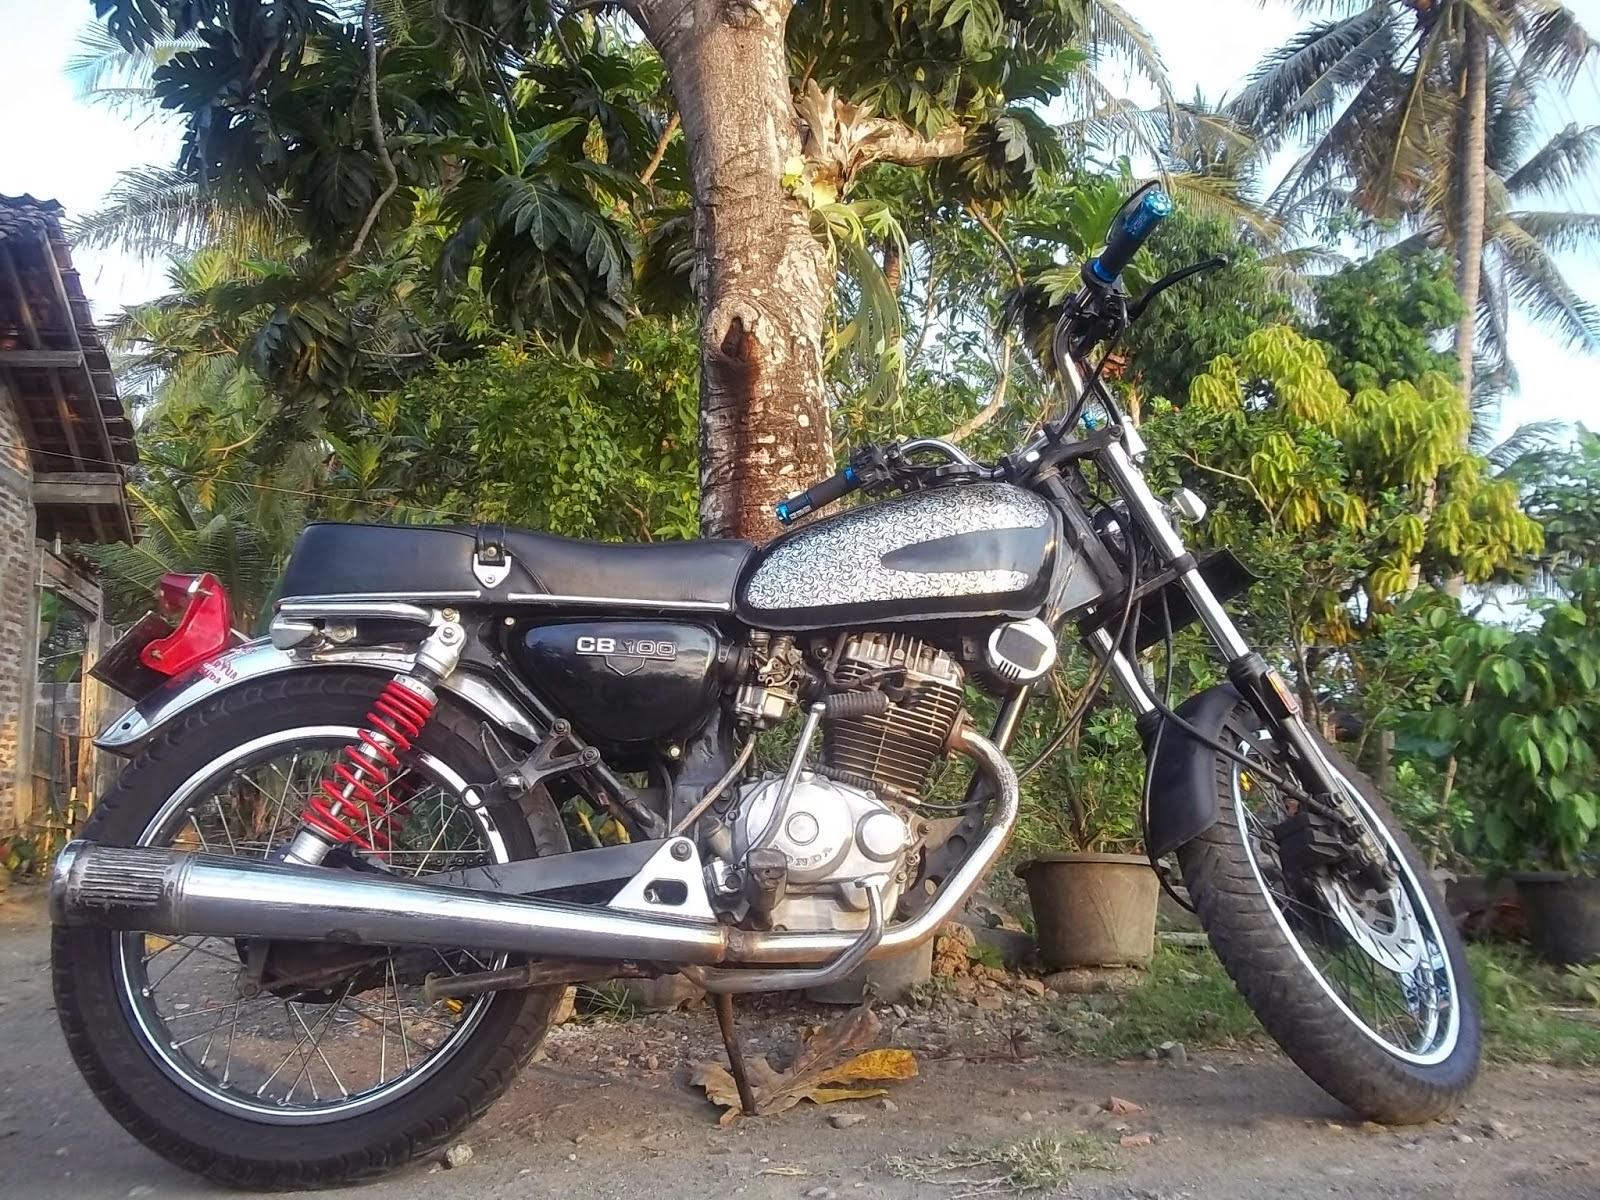 94 Modifikasi Motor Gl Max Jadi Harley Terkeren Kuroko Motor